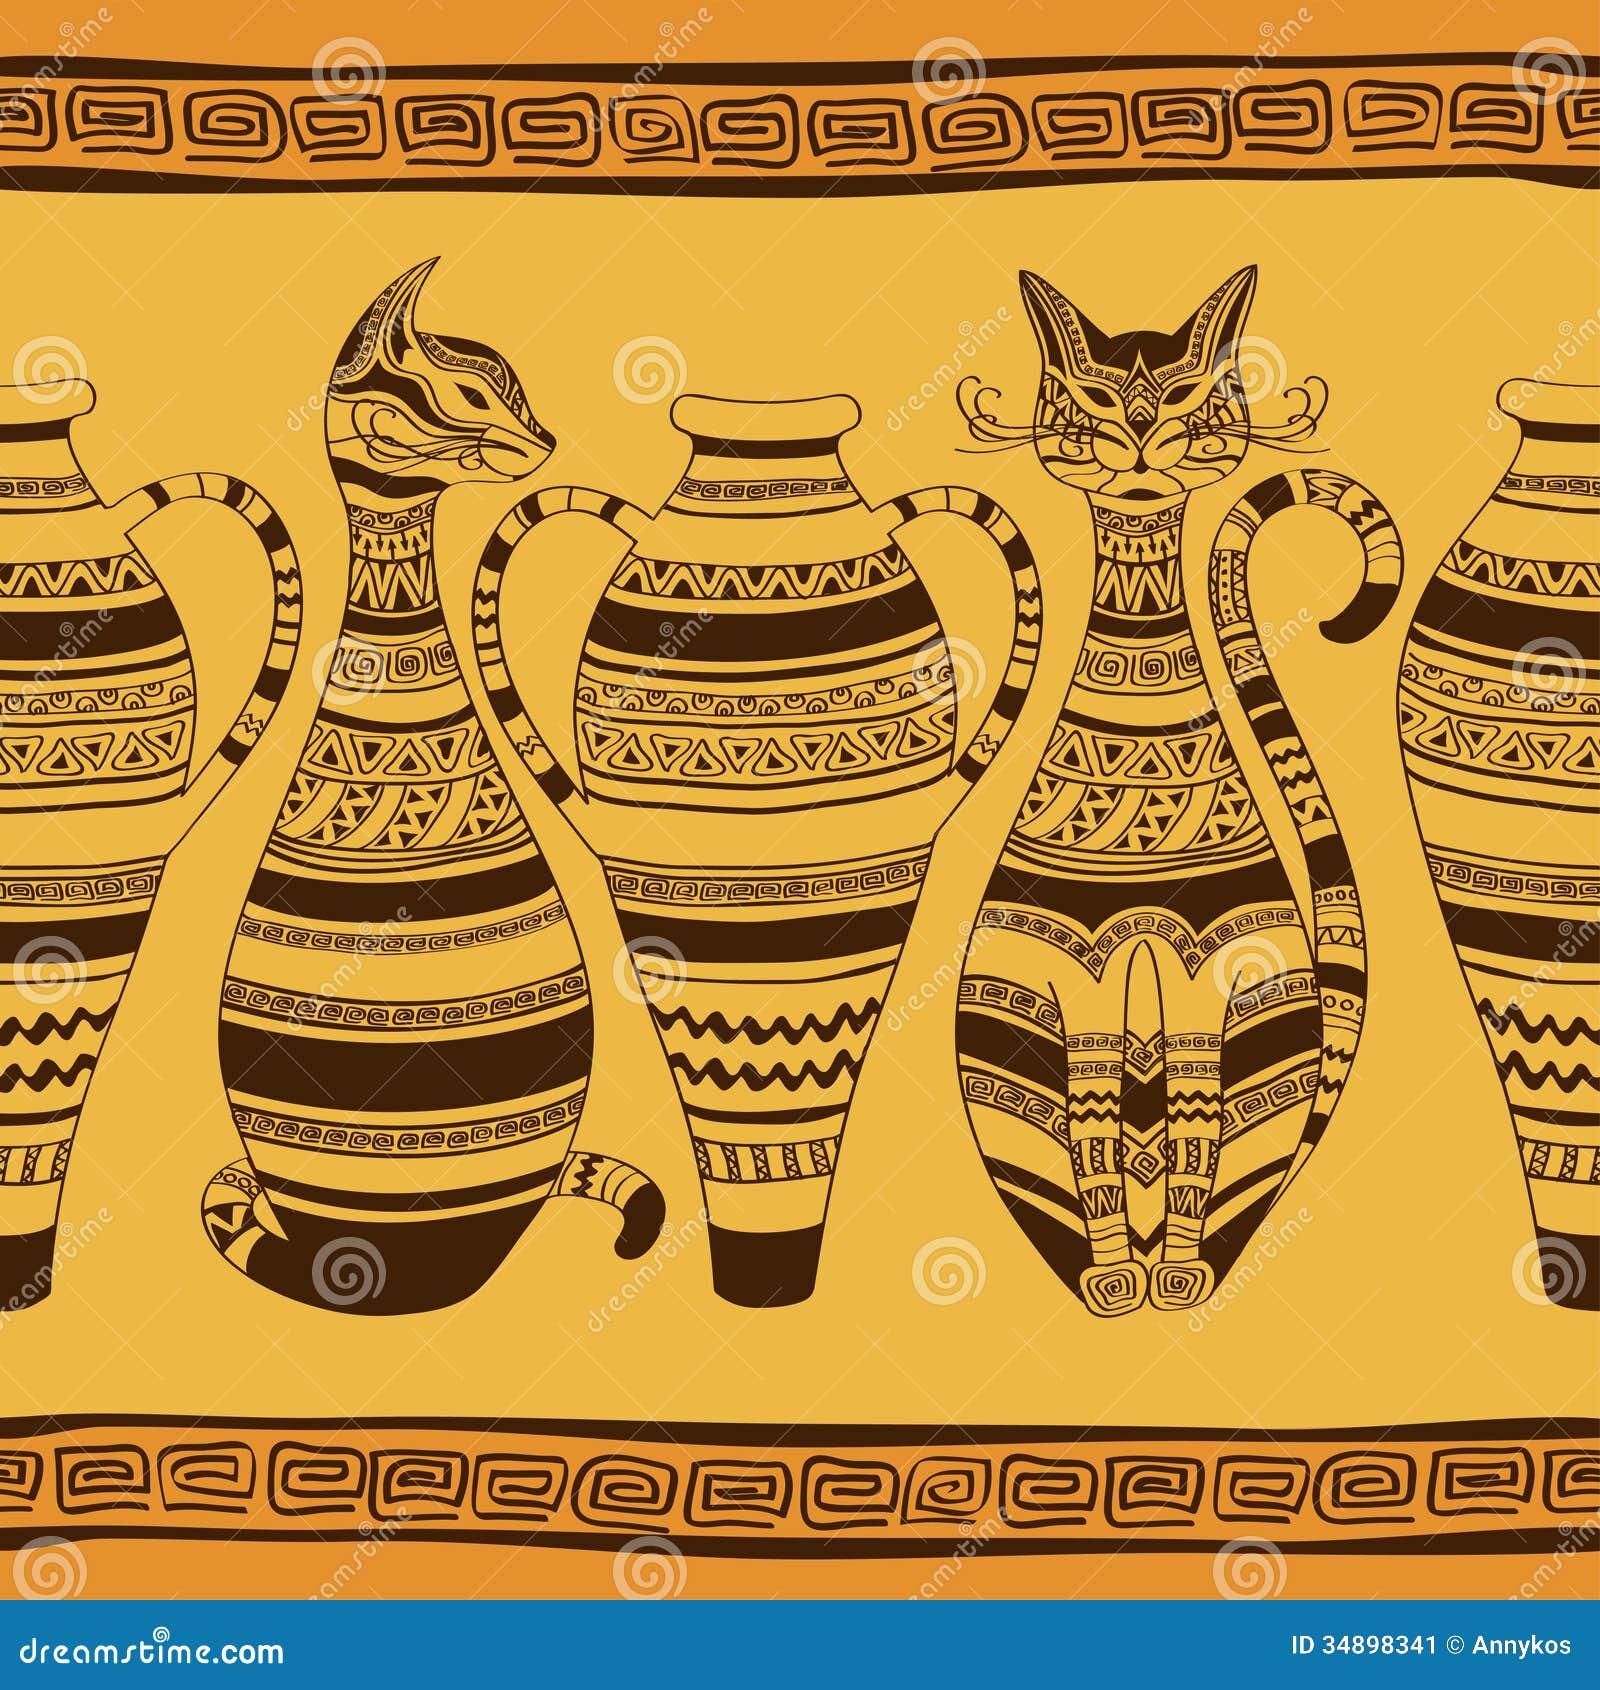 vaas wallpaper